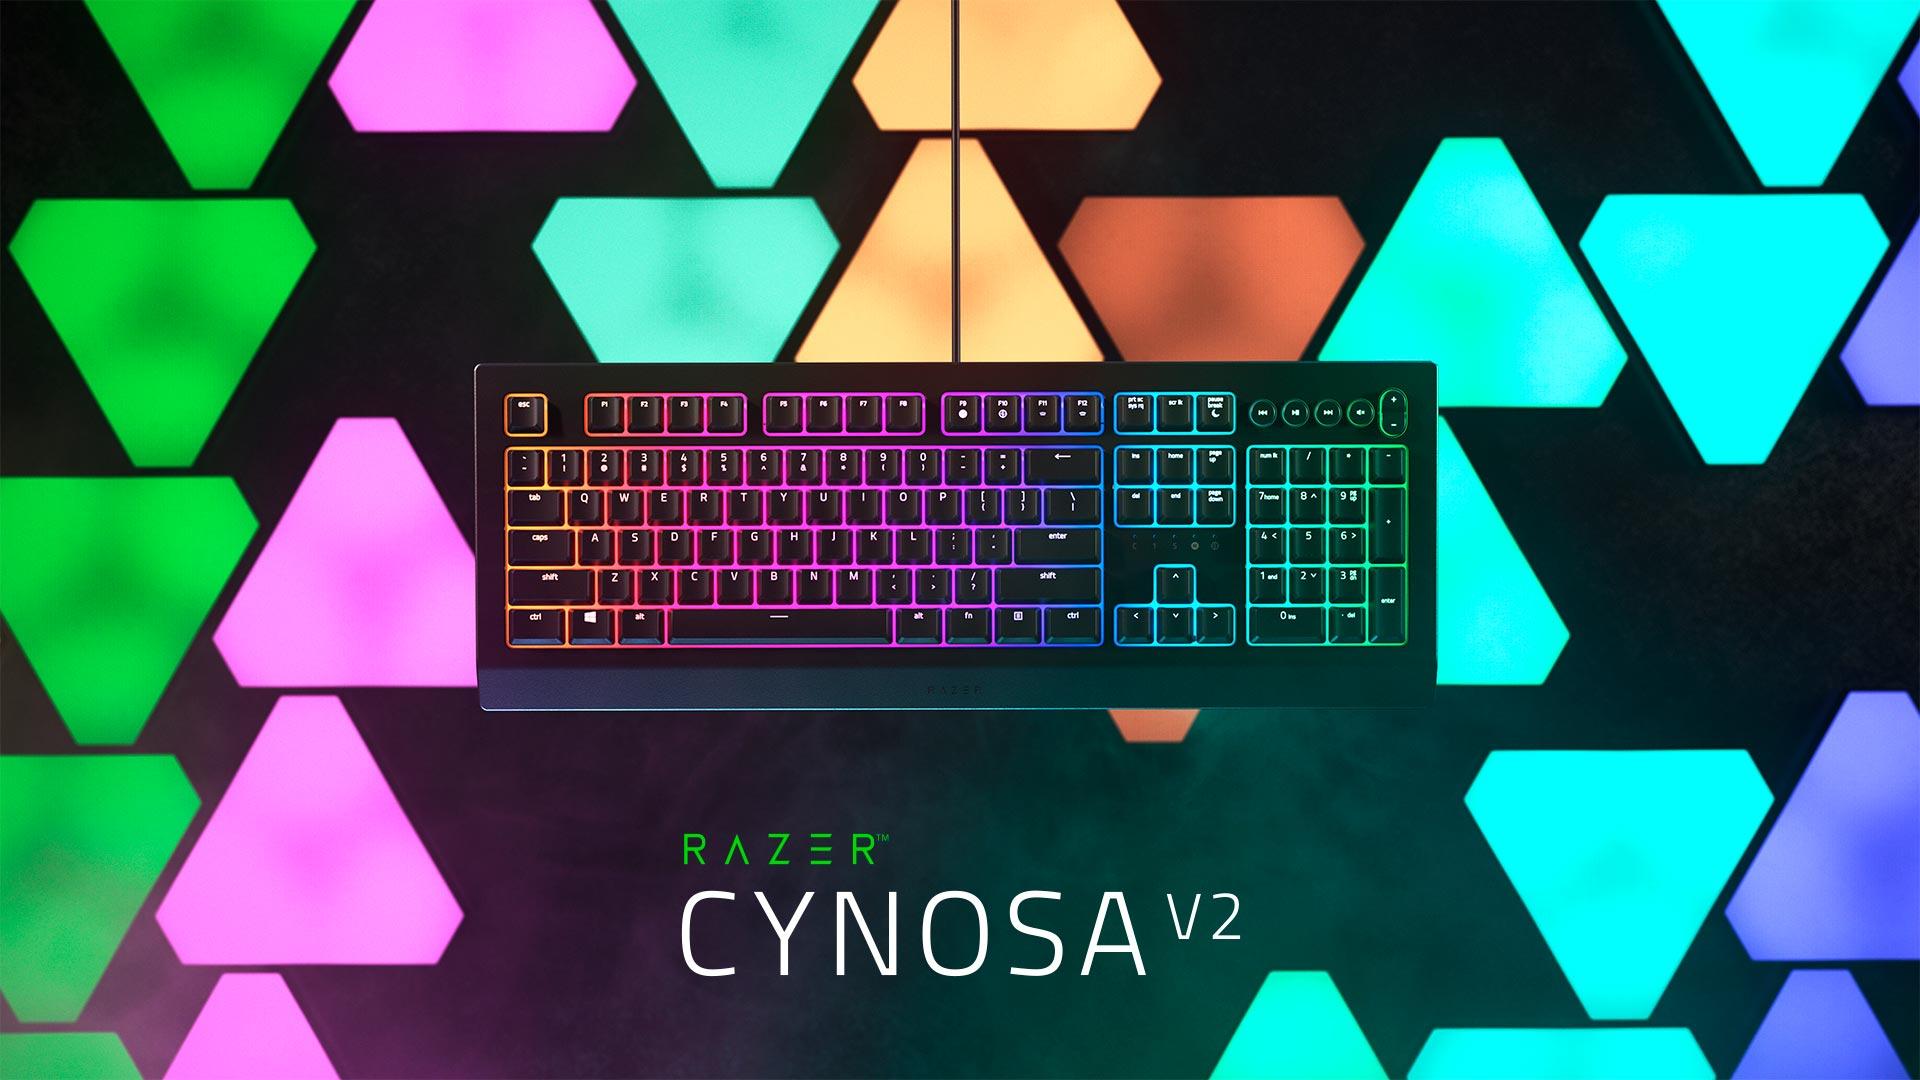 Razer Cynosa V2